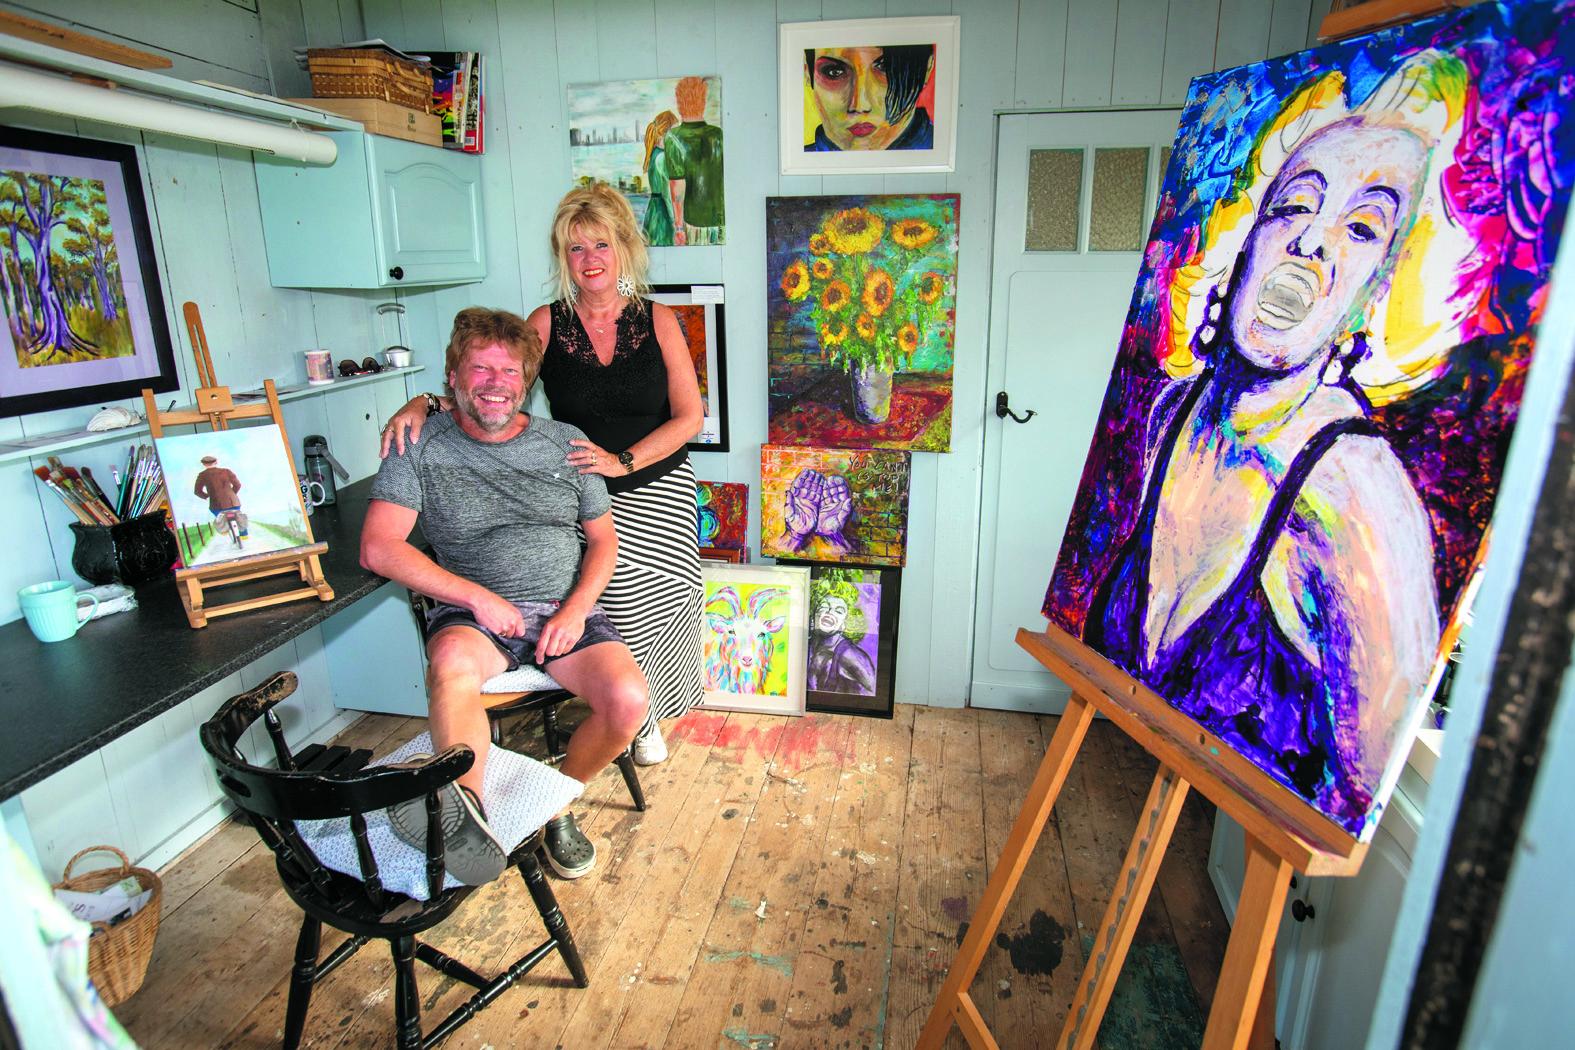 Schildersmaatjes Eddy de Boer en Tilly Morsch in hun knusse ateliertje aan de Zuideruitweg in Wijdenes. (Foto: Vincent de Vries/RM)